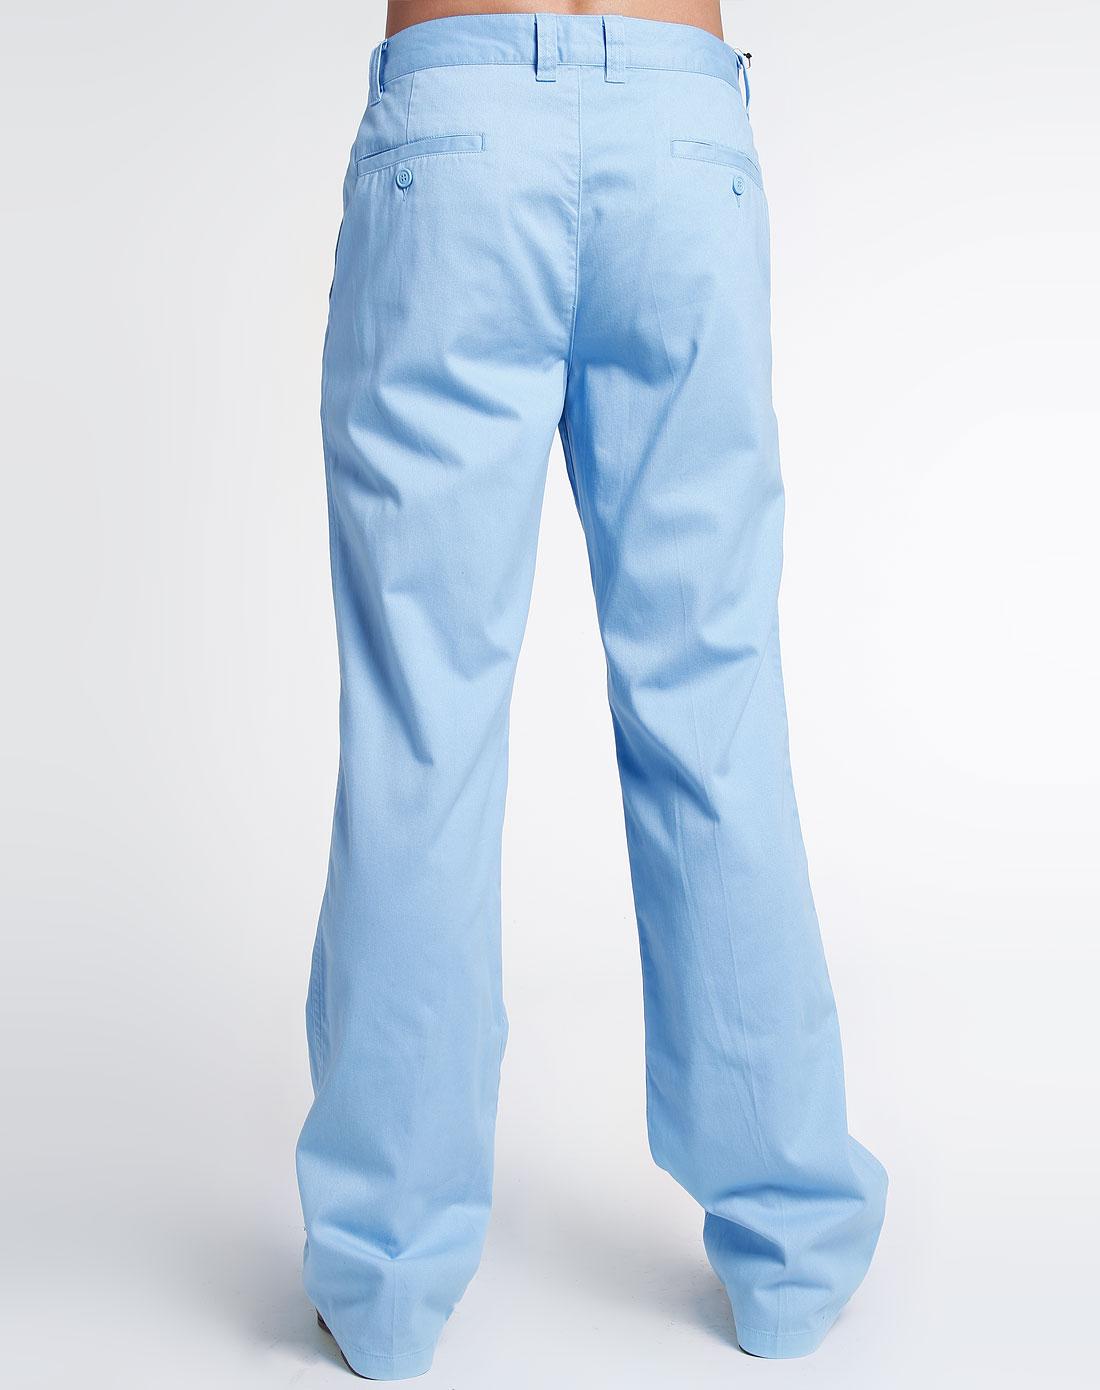 浅蓝色休闲长裤